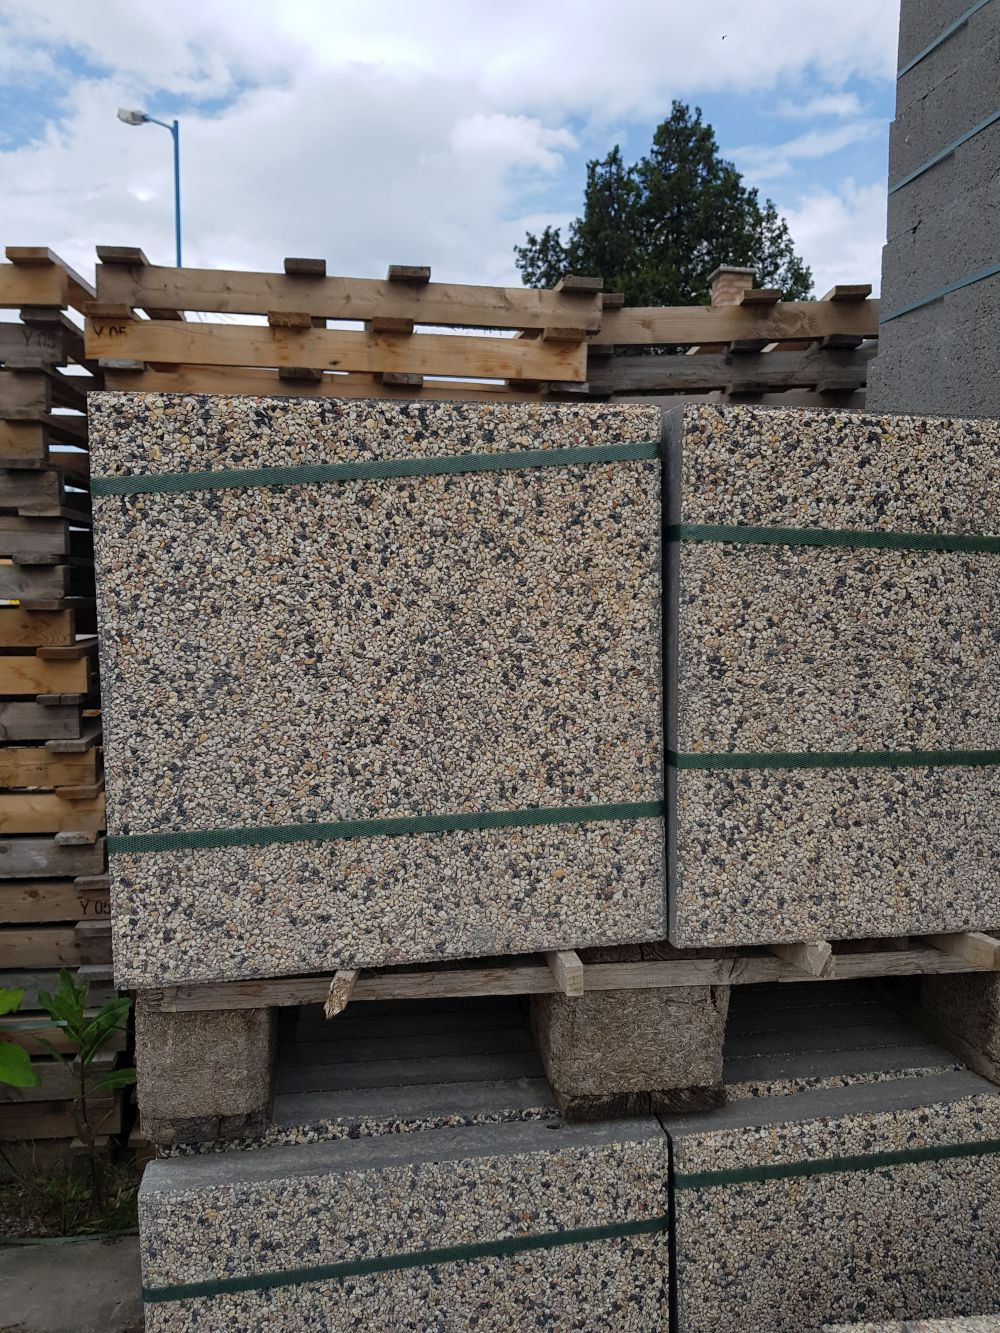 Beton járdalap 40x40 mosott dolomit50-bazalt50 BAUplaza Kft.